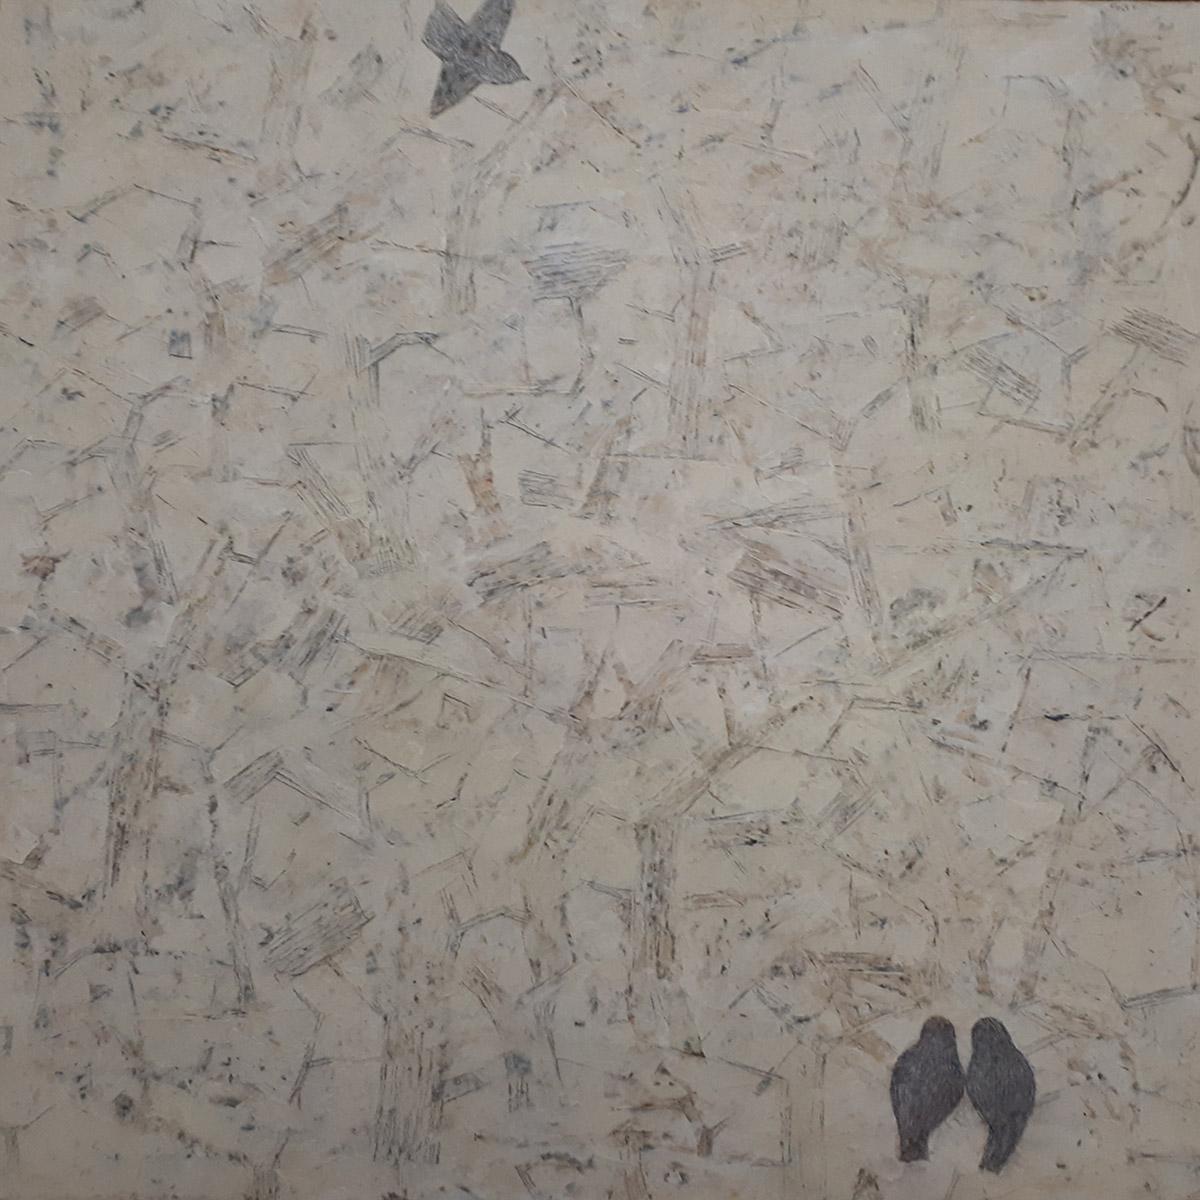 보금자리1︱90.0x90.0cm, Oil on canvas︱2019